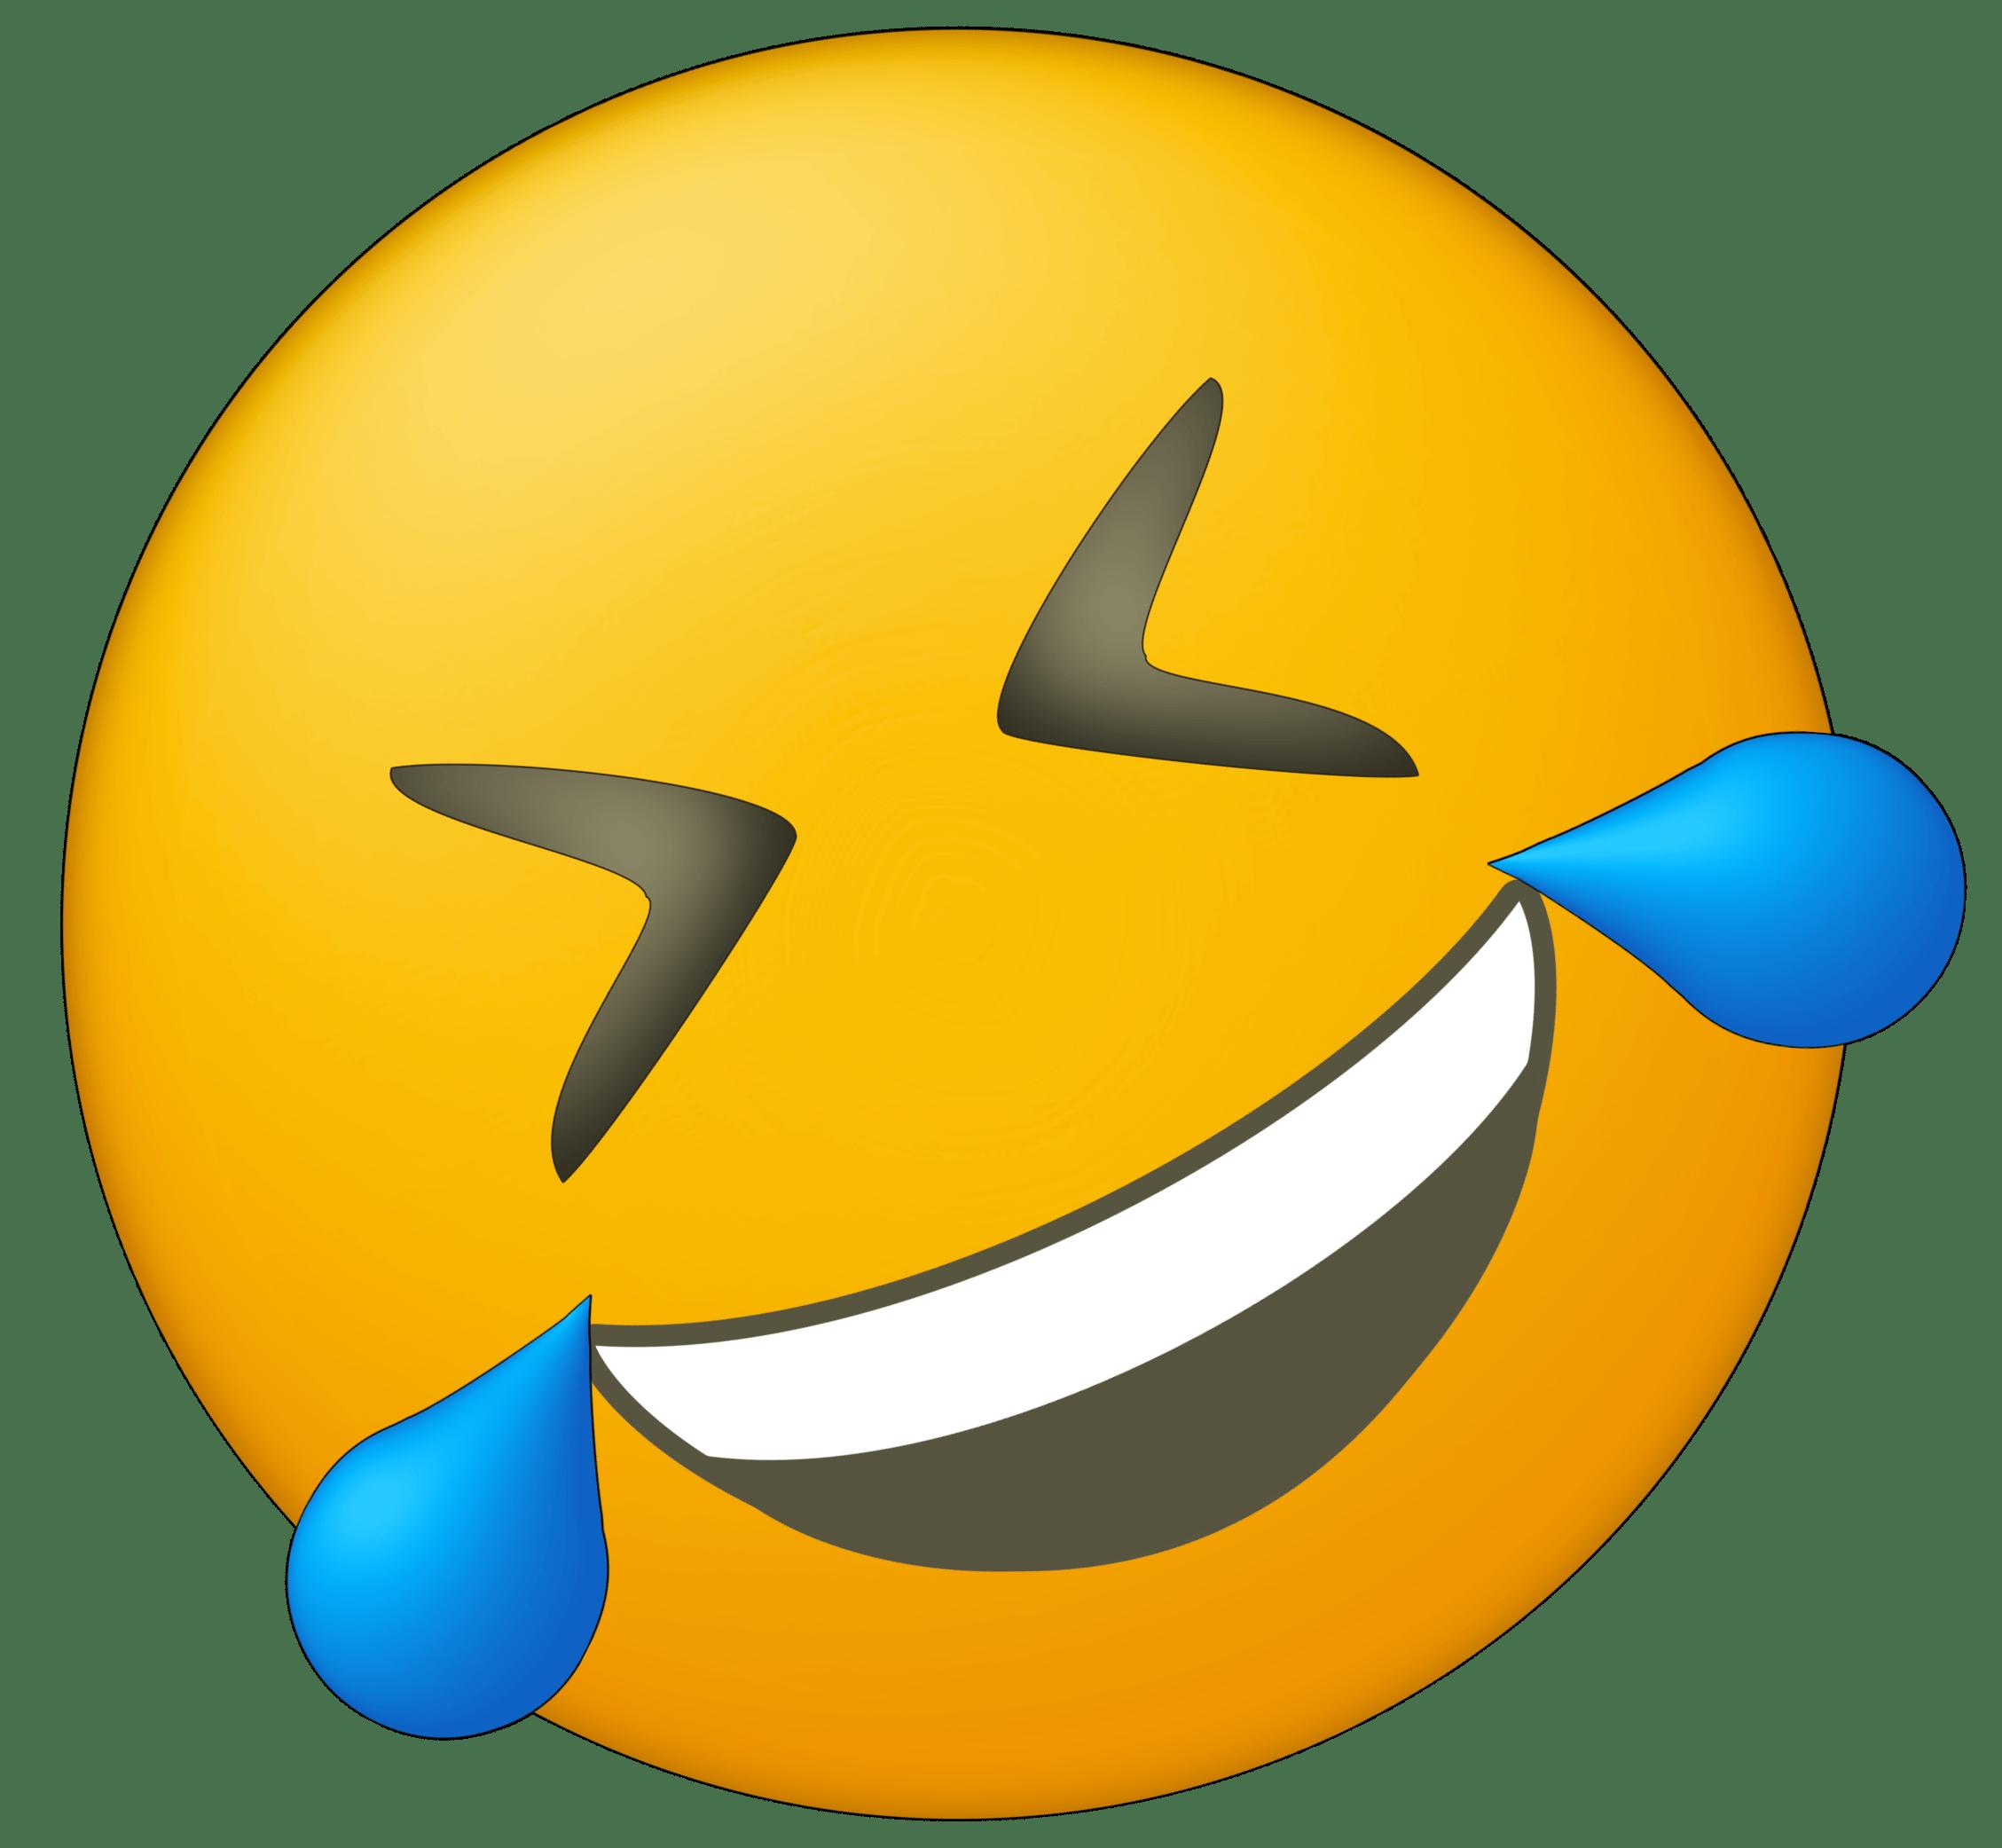 Dying Crying Laughing Png 2257 2083 Emoji Faces Emoji Printables Free Emoji Printables